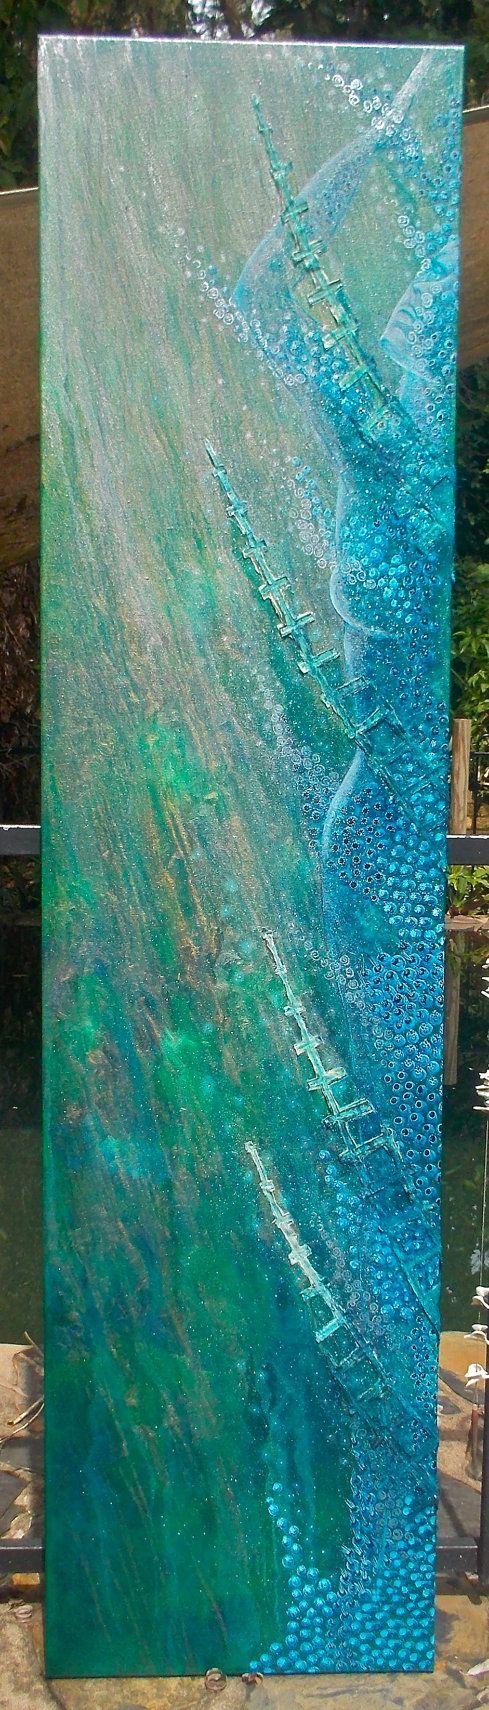 Painting Oil on Canvas with Silk Cutwork Reef Nebula by StephanieJMilne http://www.stephaniejmilne.com